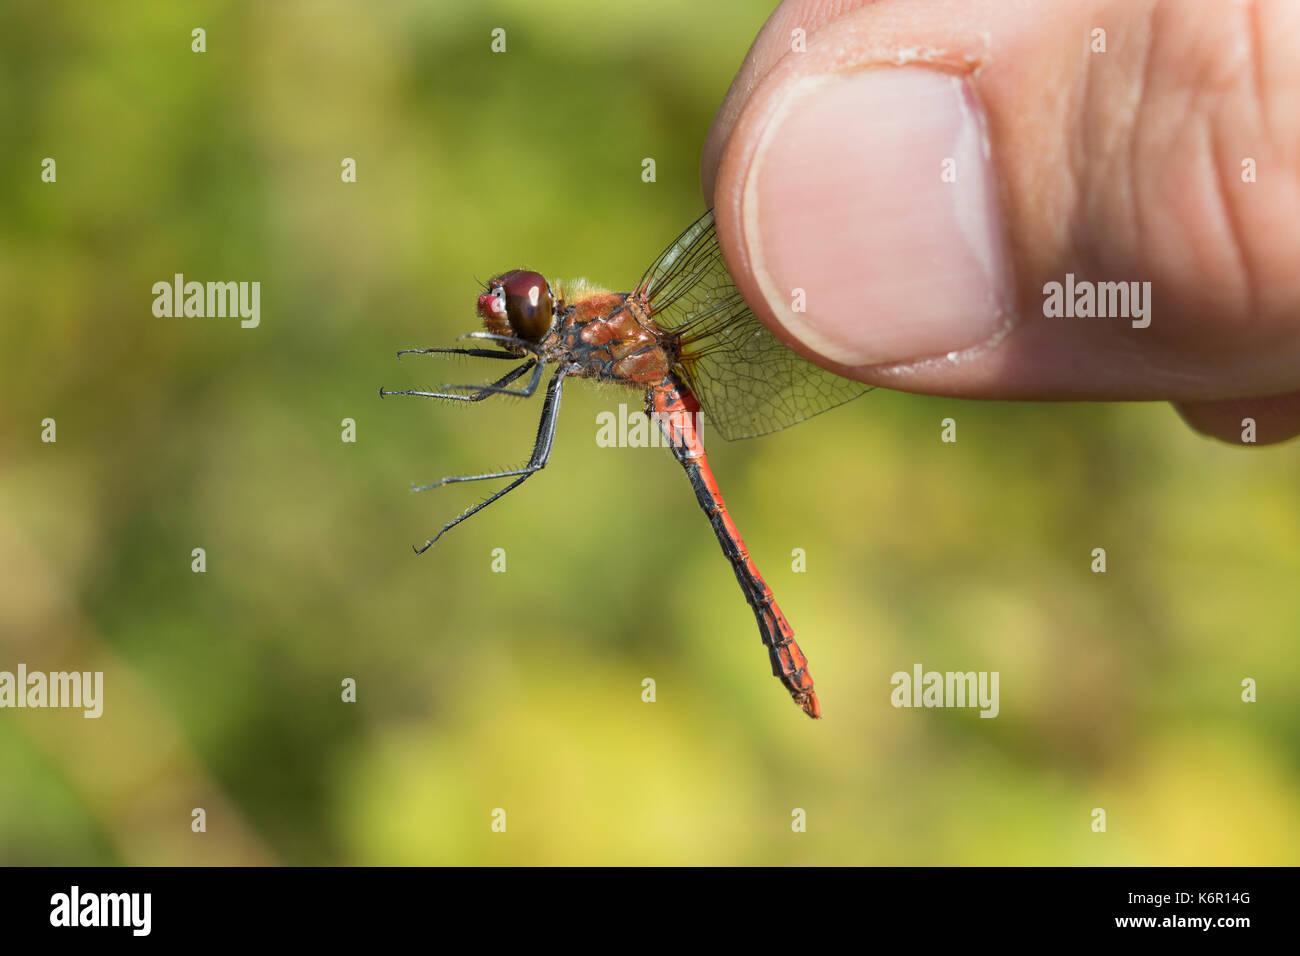 Libellen-Bestimmung, gefangene Libelle wird vorsichtig zwischen zwei Fingern gehalten, Entomologie, Biologie, Freilanduntersuchung, Zoologie, entomolo - Stock Image